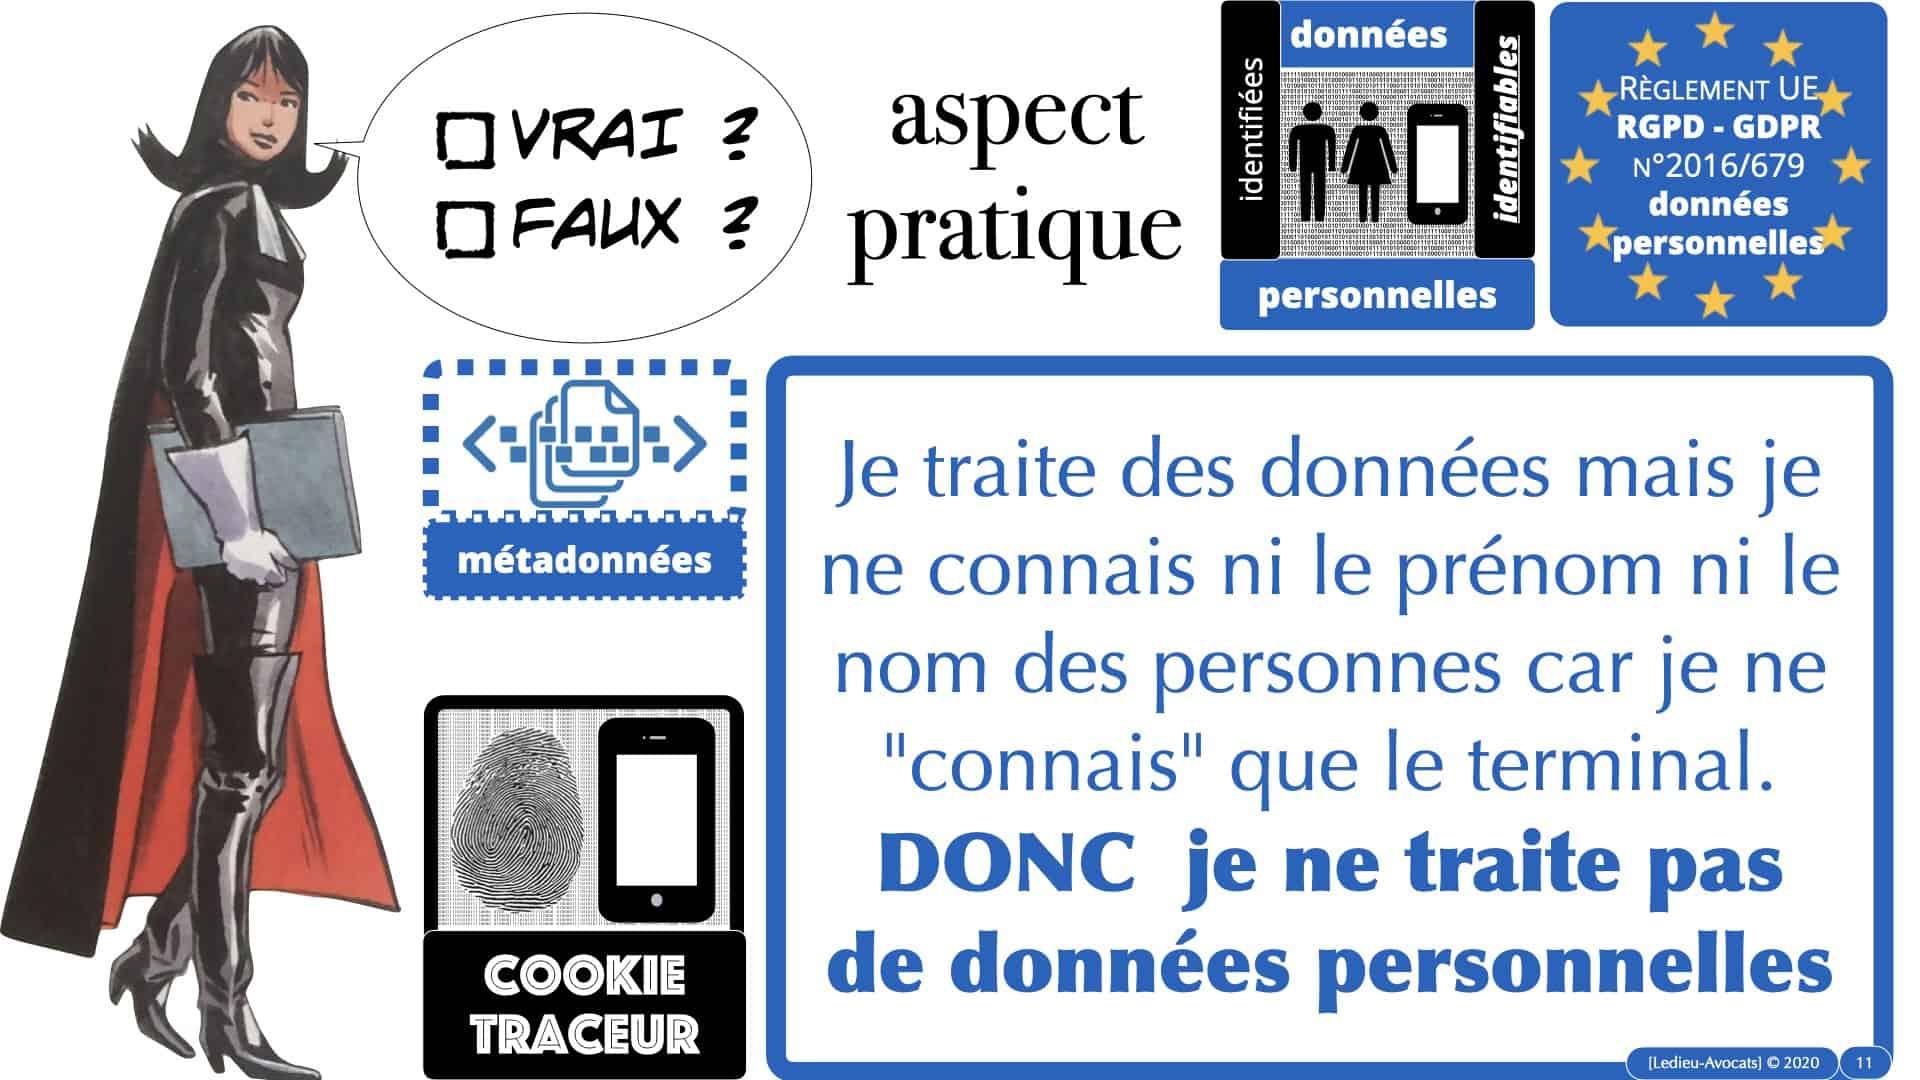 314 PRO BTP © Ledieu-avocat 03-12-2020.011